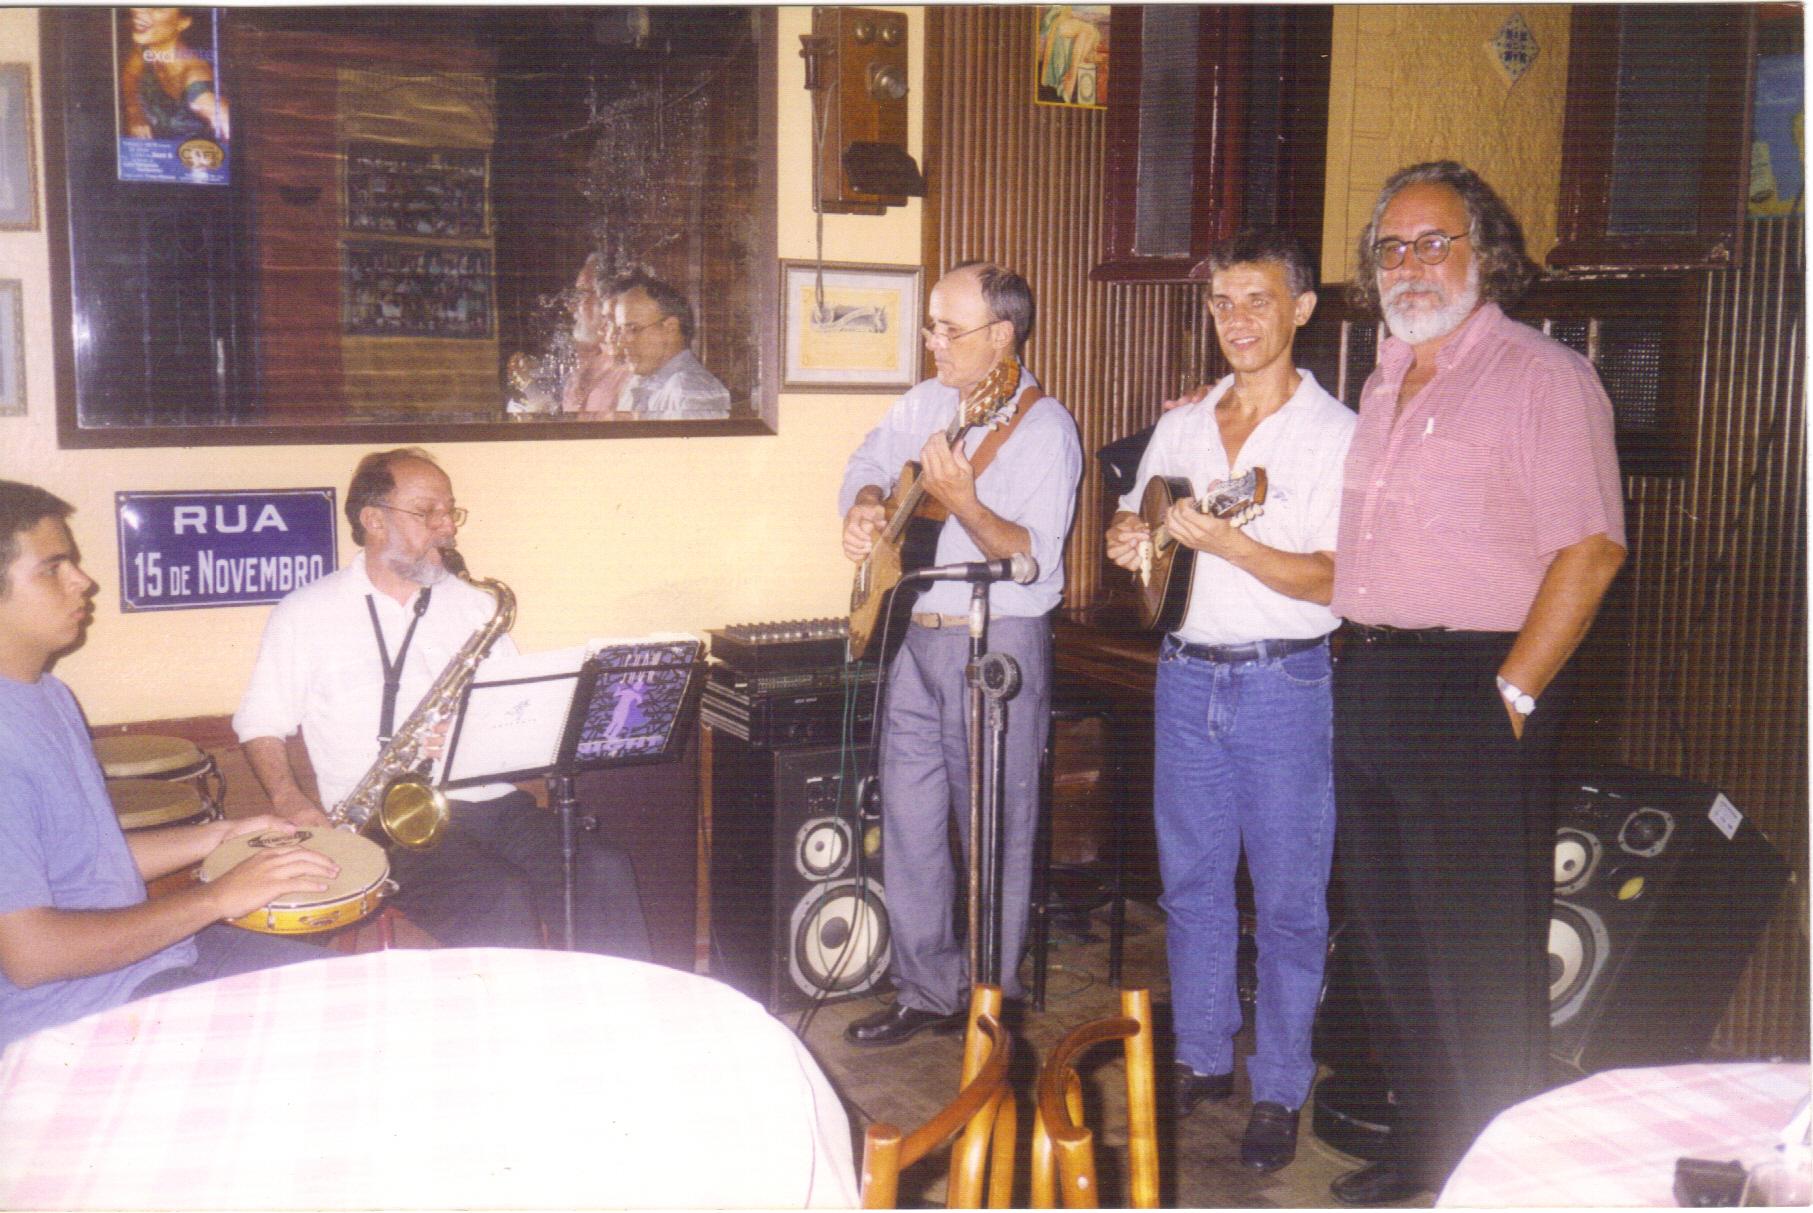 Restaurante Rua XV Pelotas 27dez2000